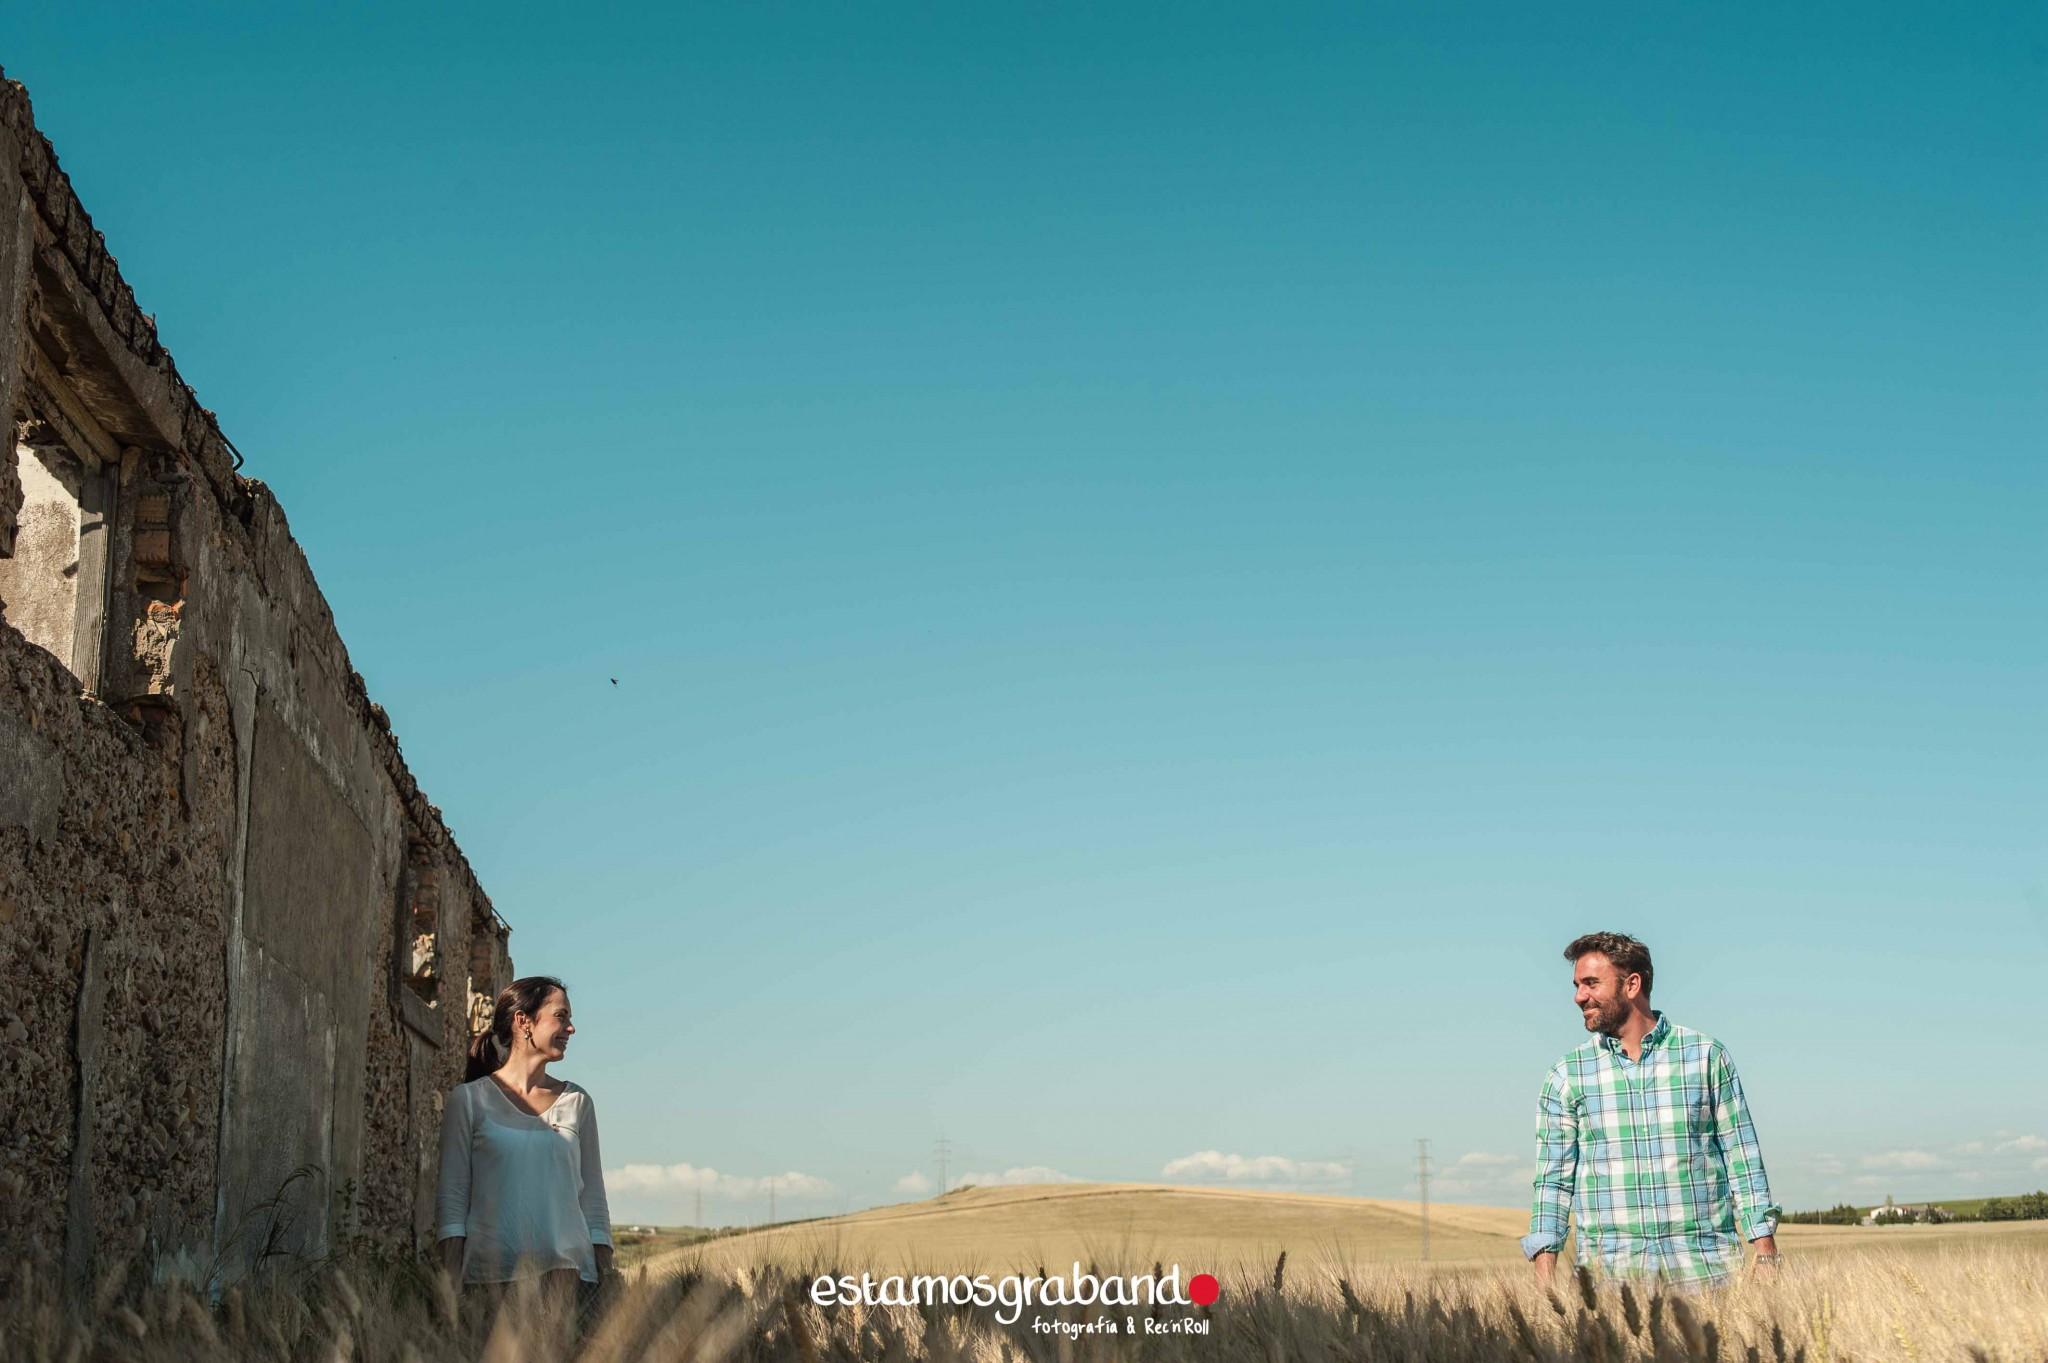 maria-manur-6-de-18 Maria & Manuel [Fotografía Preboda en Jerez] - video boda cadiz